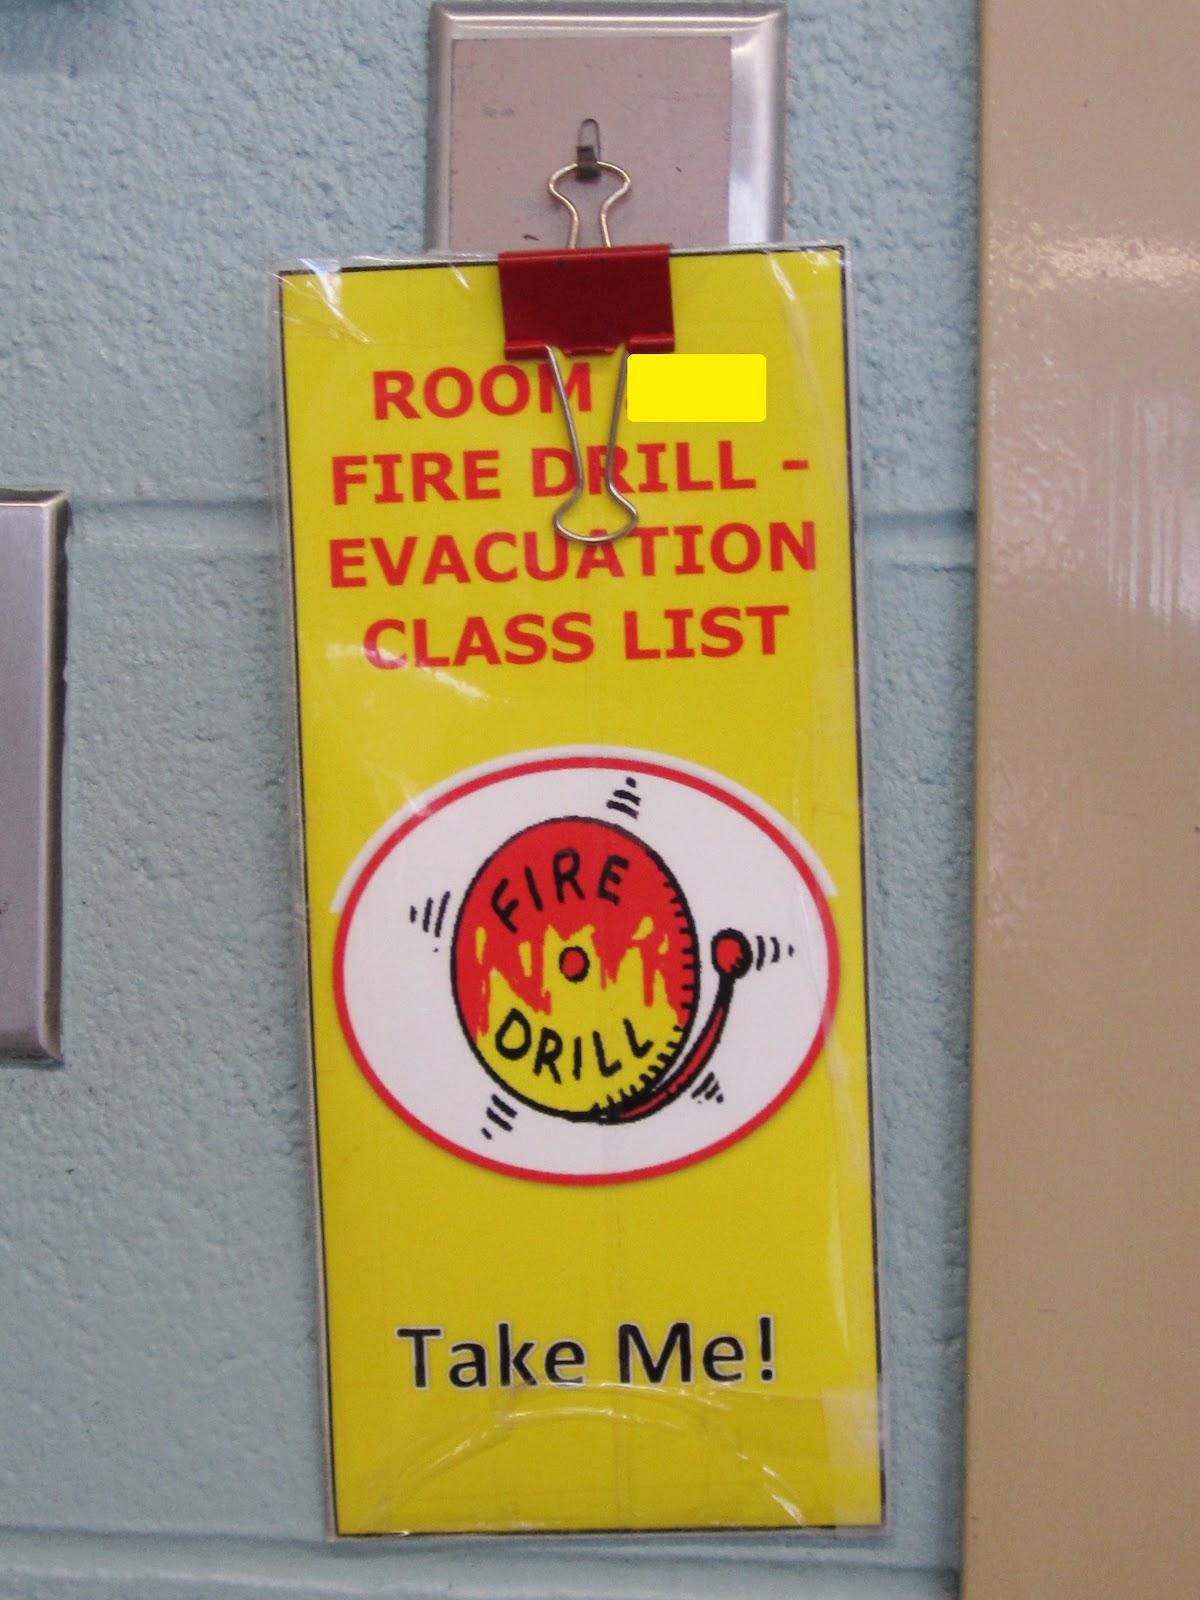 Teaching My Friends Fire Drills